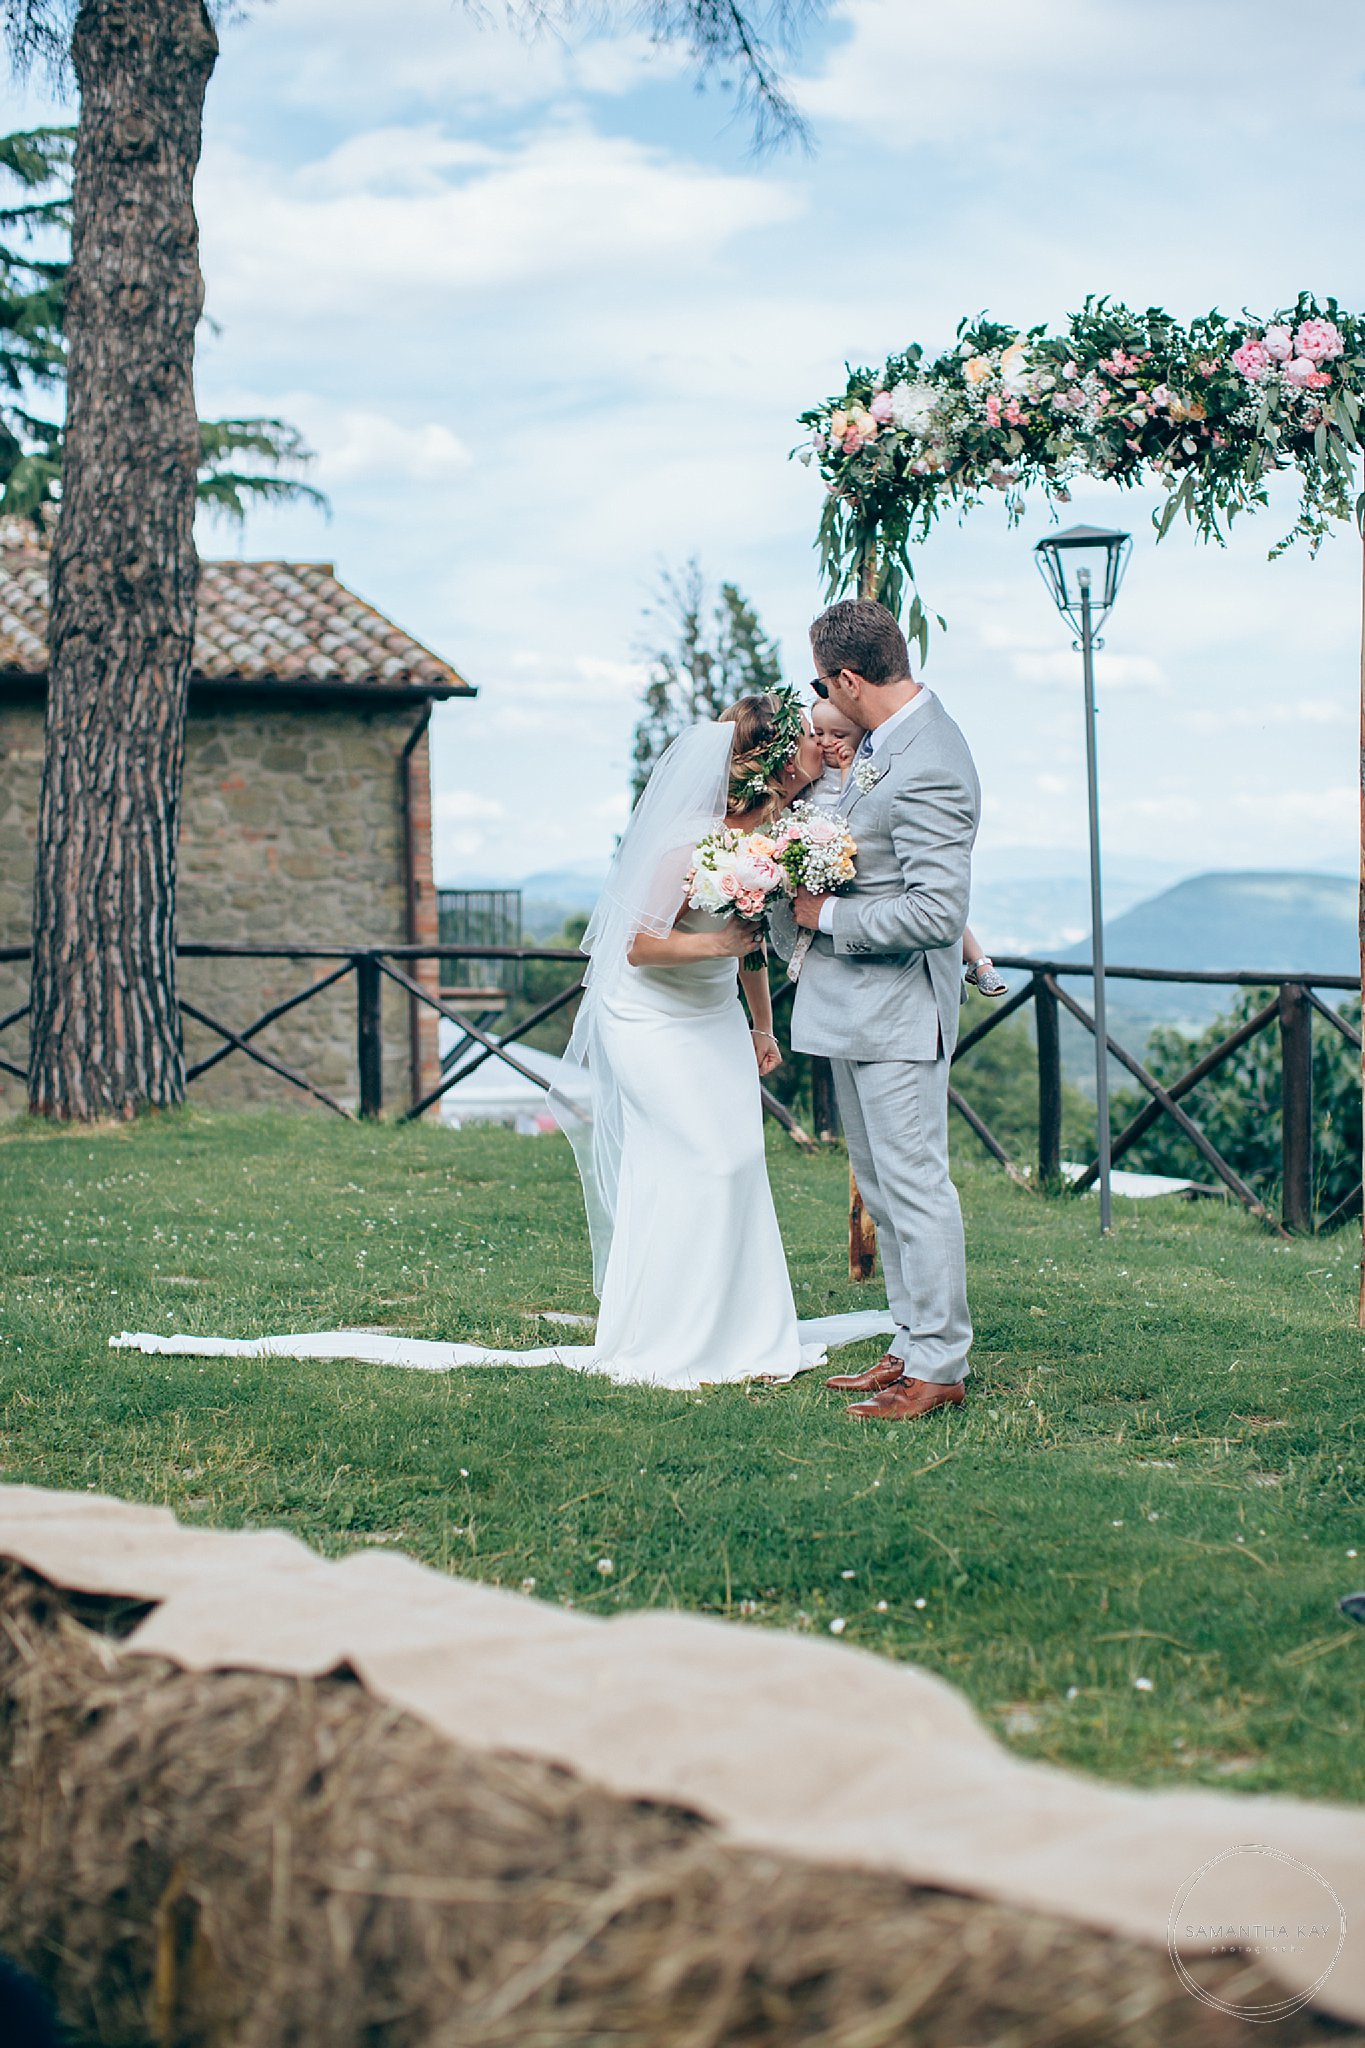 Casa Bruciata wedding venue